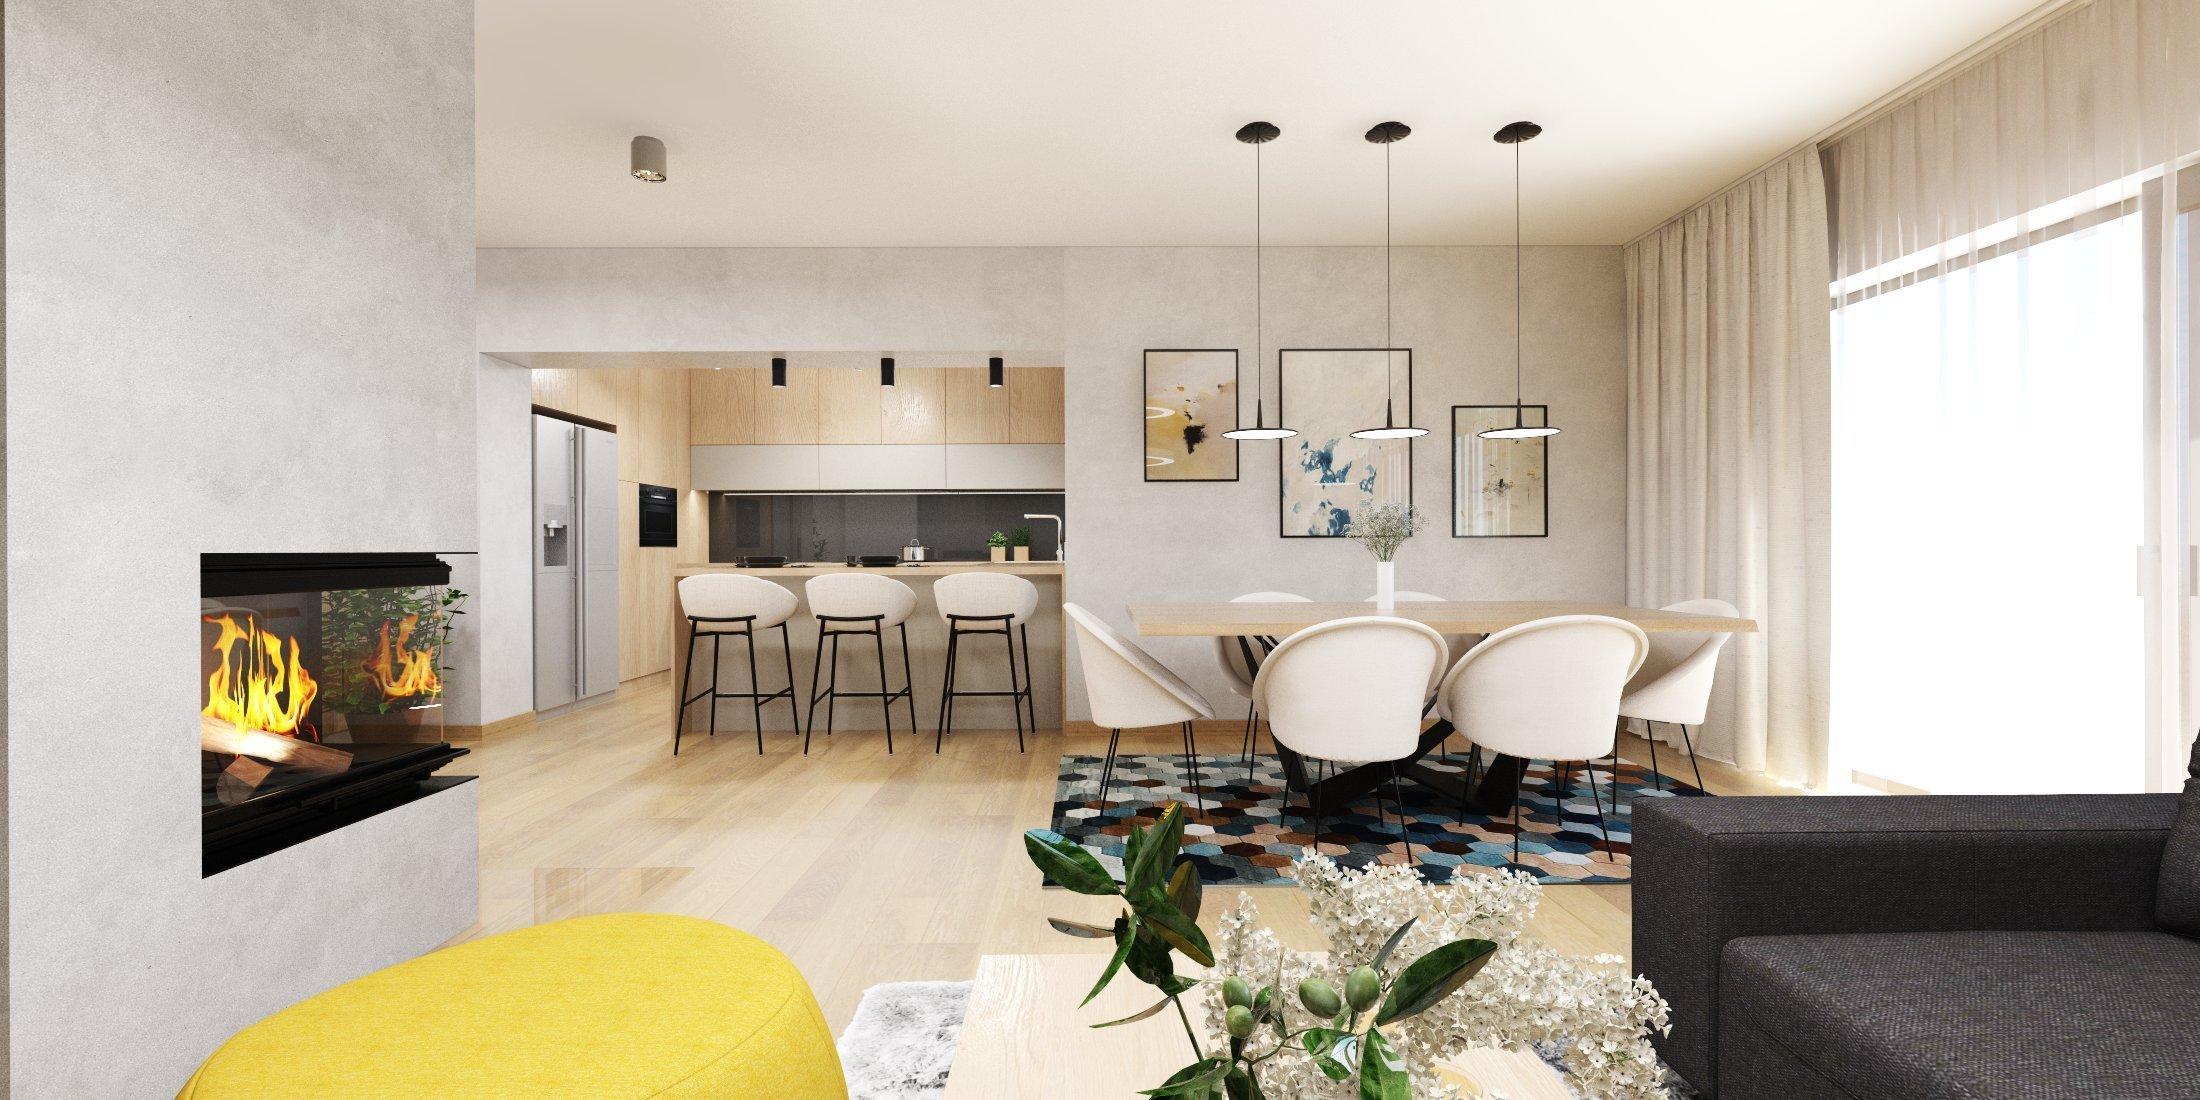 Rodinný dom sa nesie v duchu príjemného svetlého dreva kombinovaného s betónovou stierkou. Žlté a čierne akcenty v interiéri farebne kontrastujú